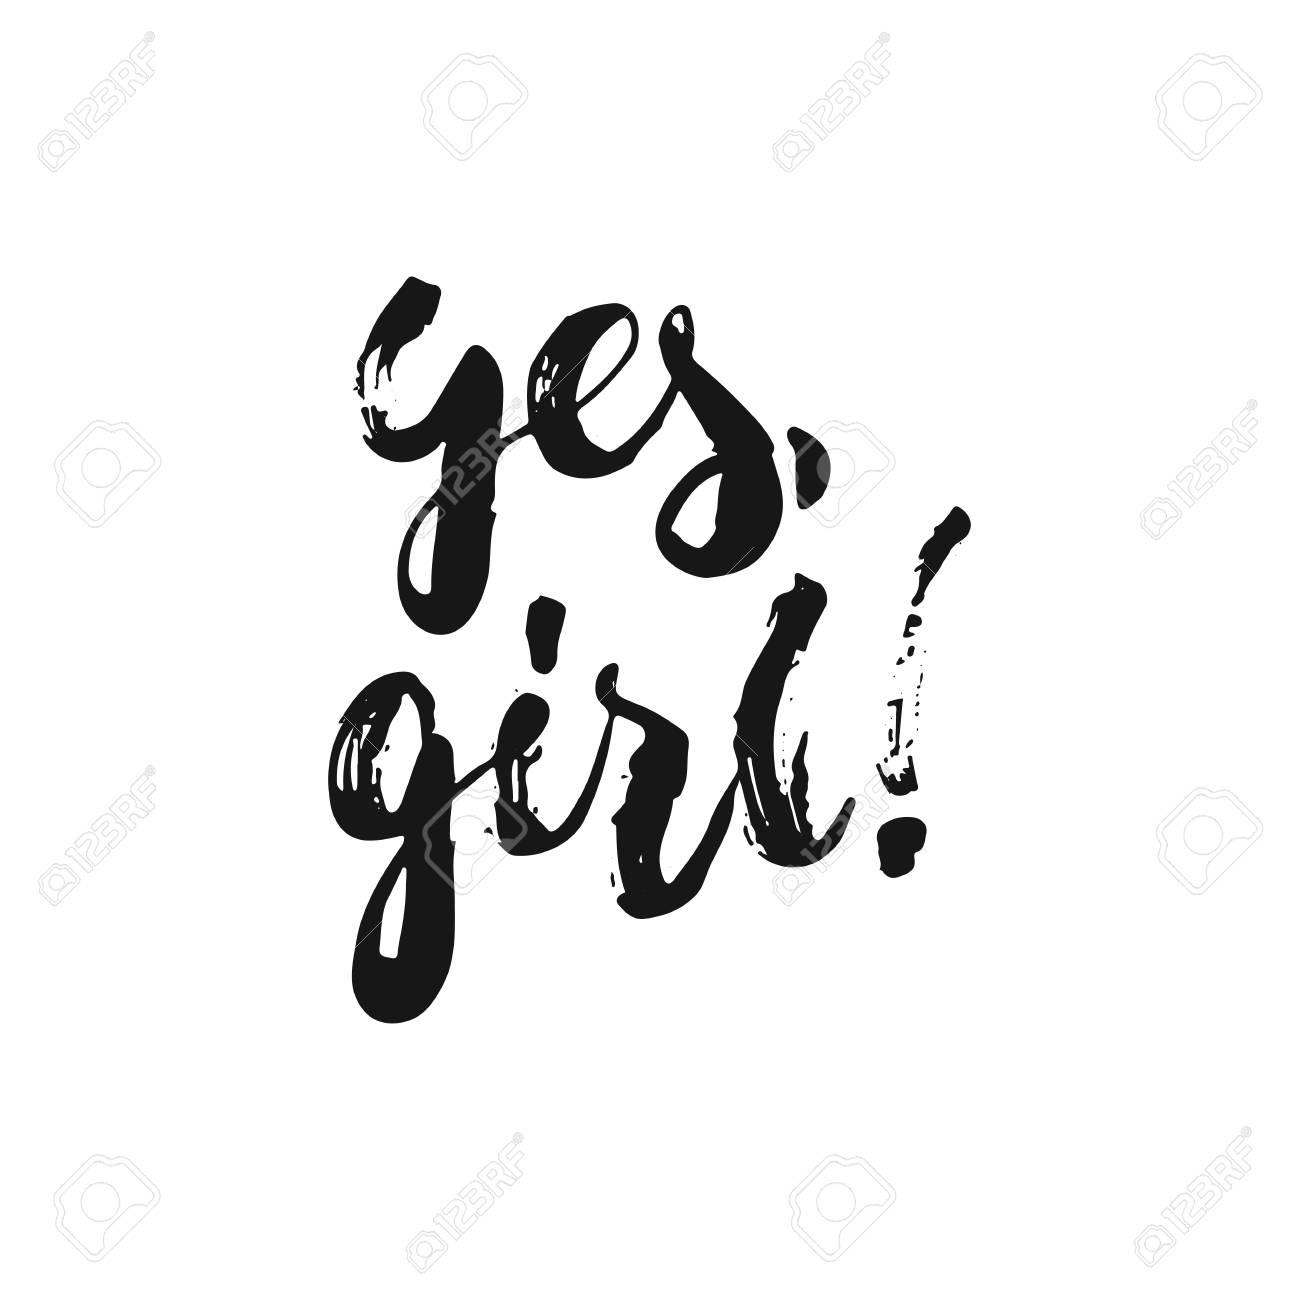 Sim Frase De Letra Menina Mão Desenhada Sobre O Feminismo Isolado No Fundo Branco Inscrição De Tinta De Escova Divertida Para Sobreposições De